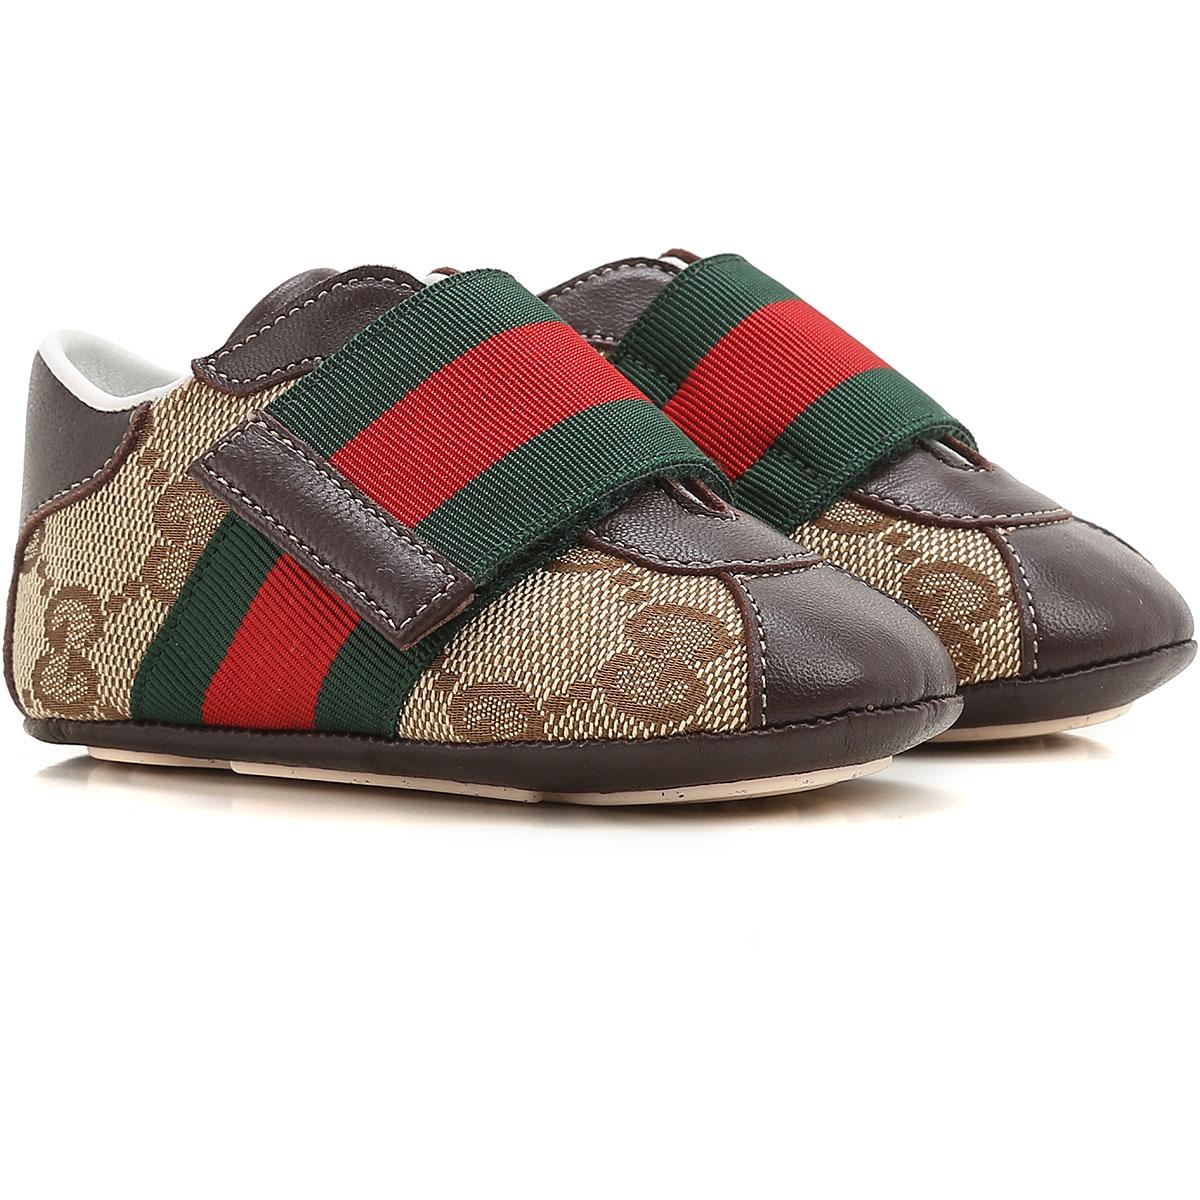 Image of Gucci Baby Shoes for Boys, Ebony, Fabric, 2017, ita-16 ita-17 ita-18 ita-19